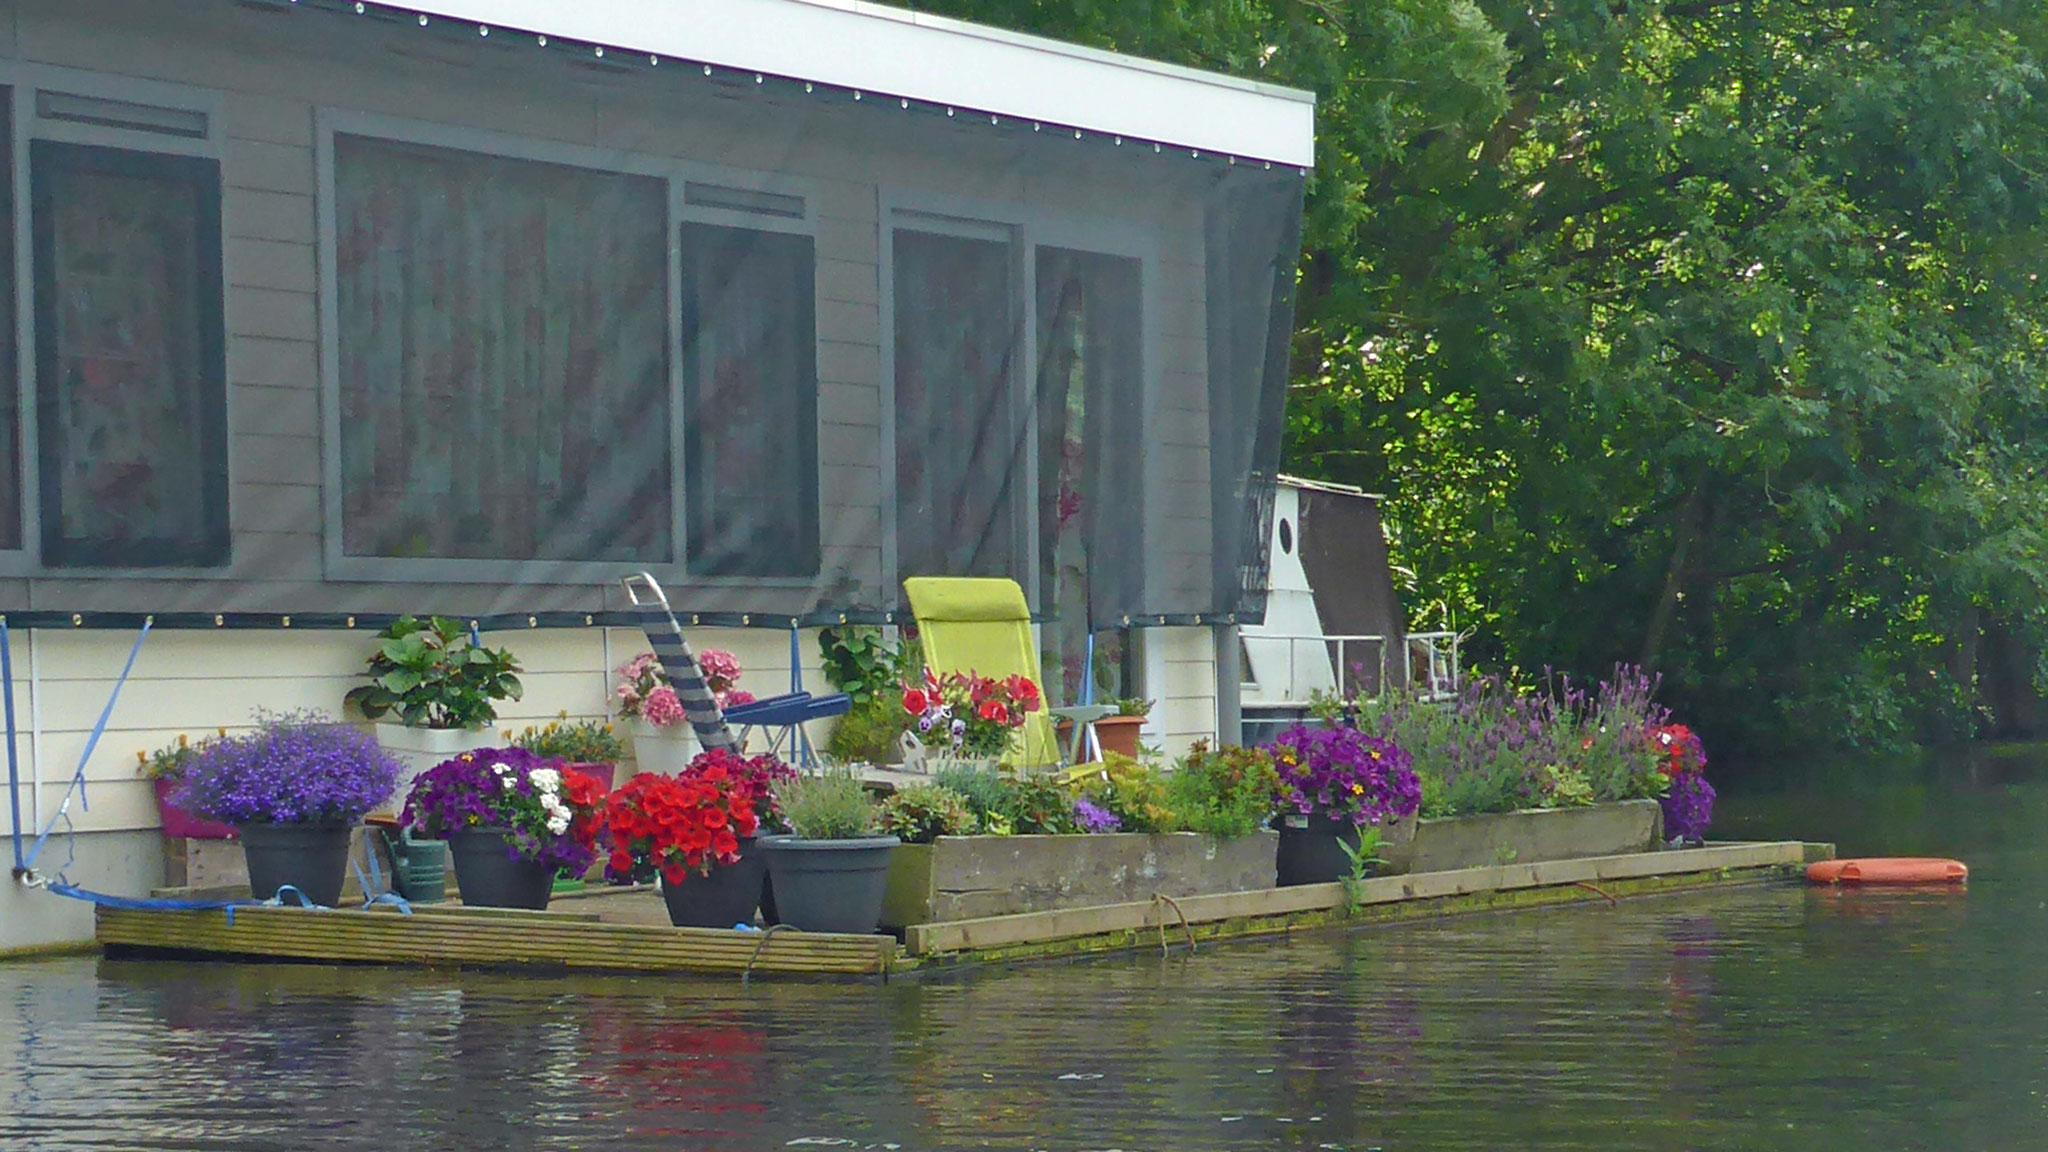 Hausboot mit Vorgarten.